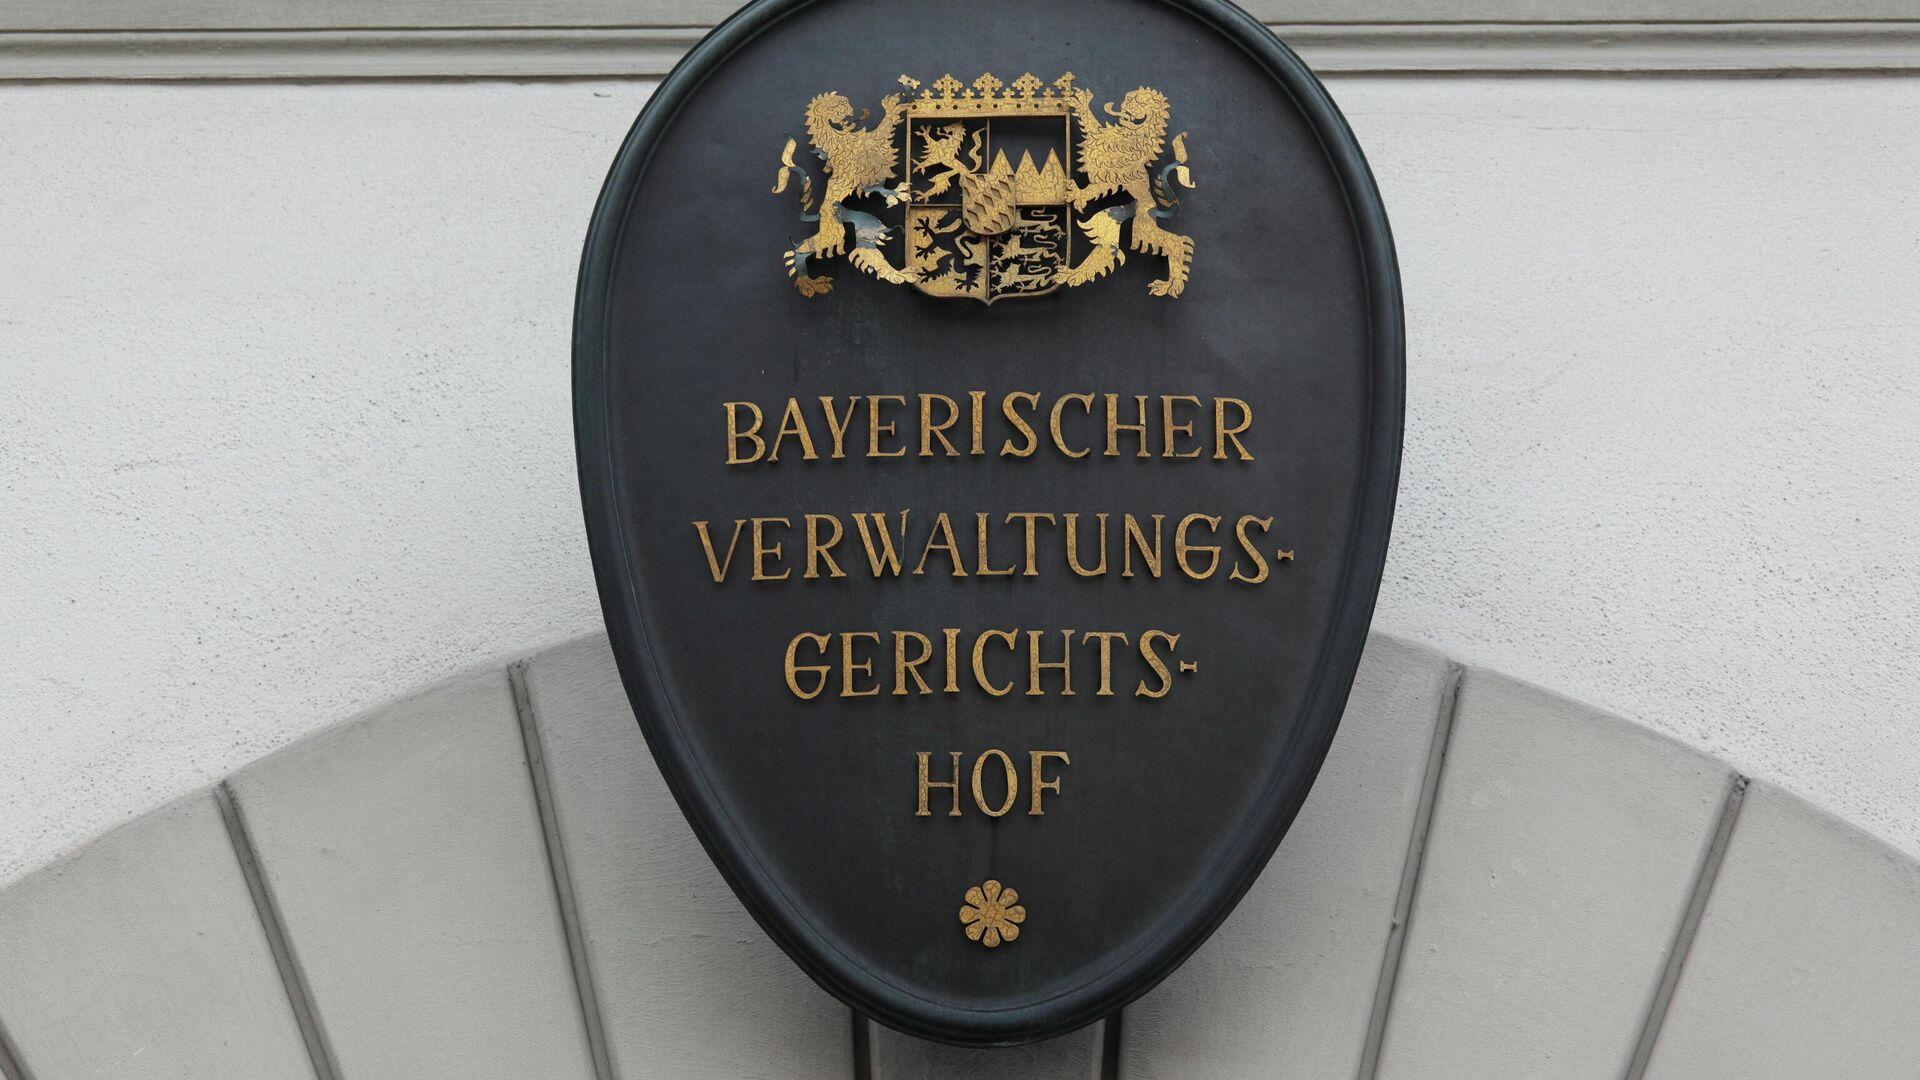 Wappen am Eingang des Bayerischen Verwaltungsgerichtshofes in München - SNA, 1920, 07.10.2021